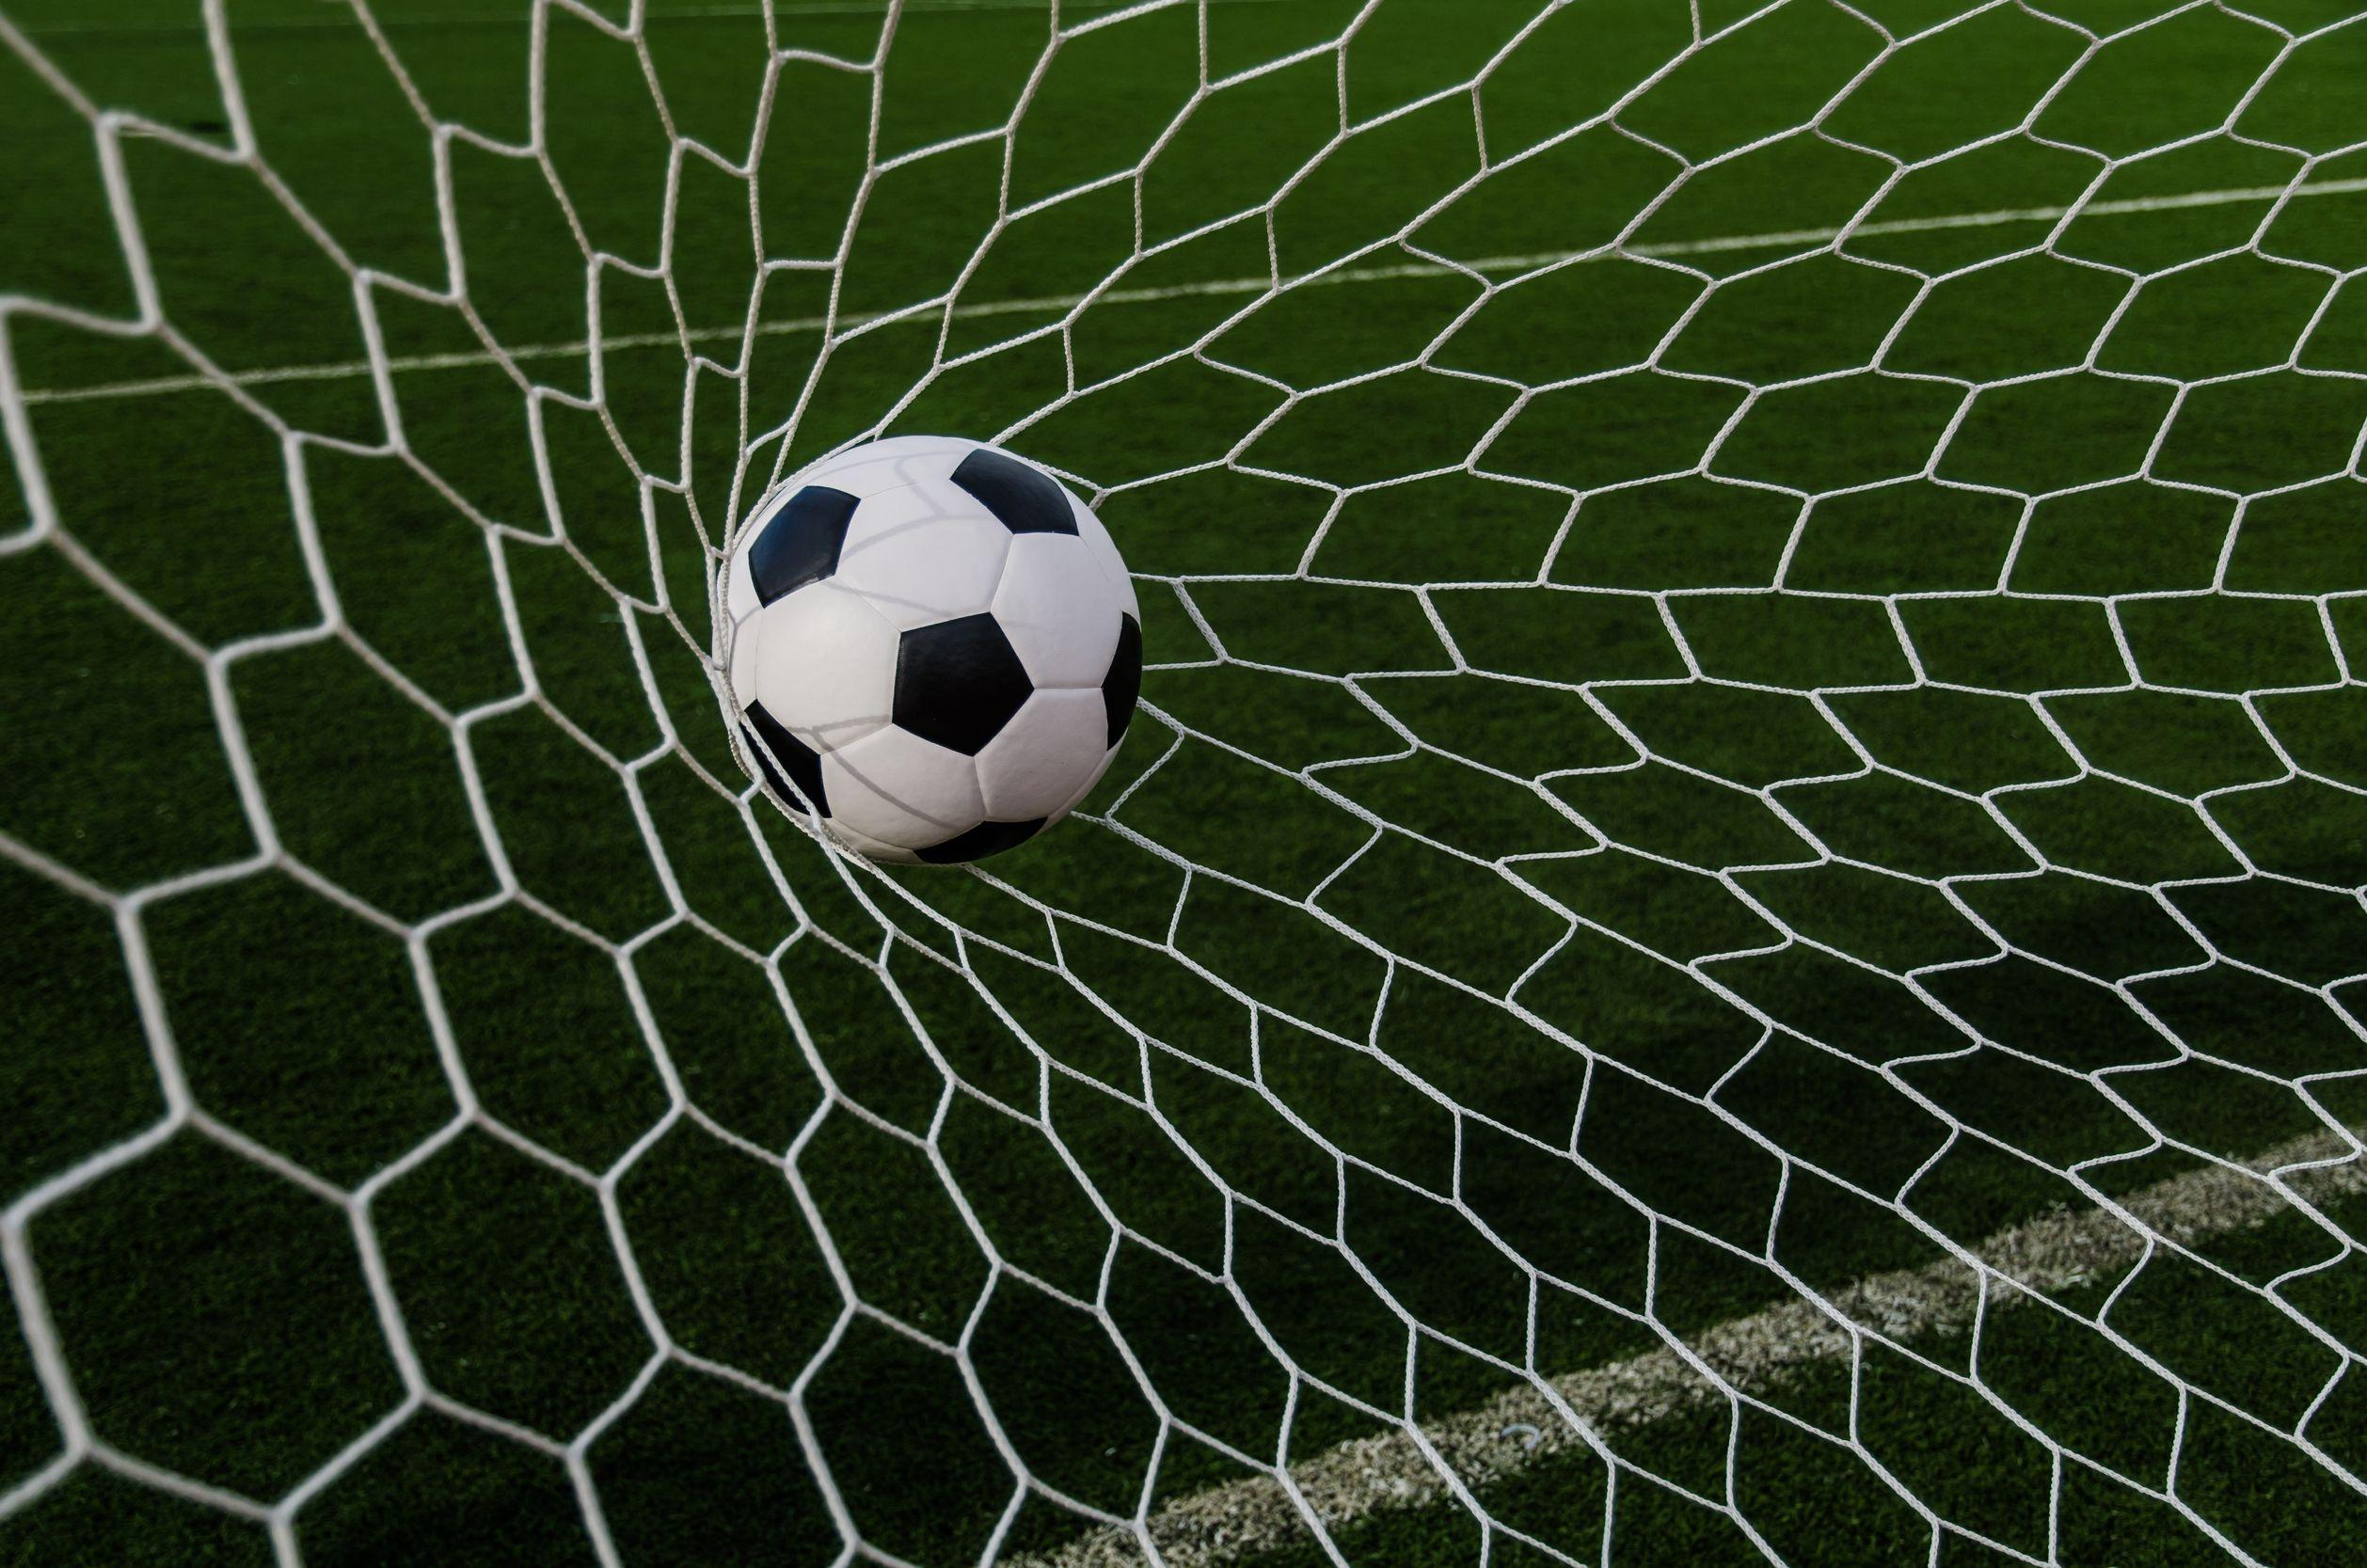 Vocabulario futbolístico: diferencias entre España y Latinoamérica